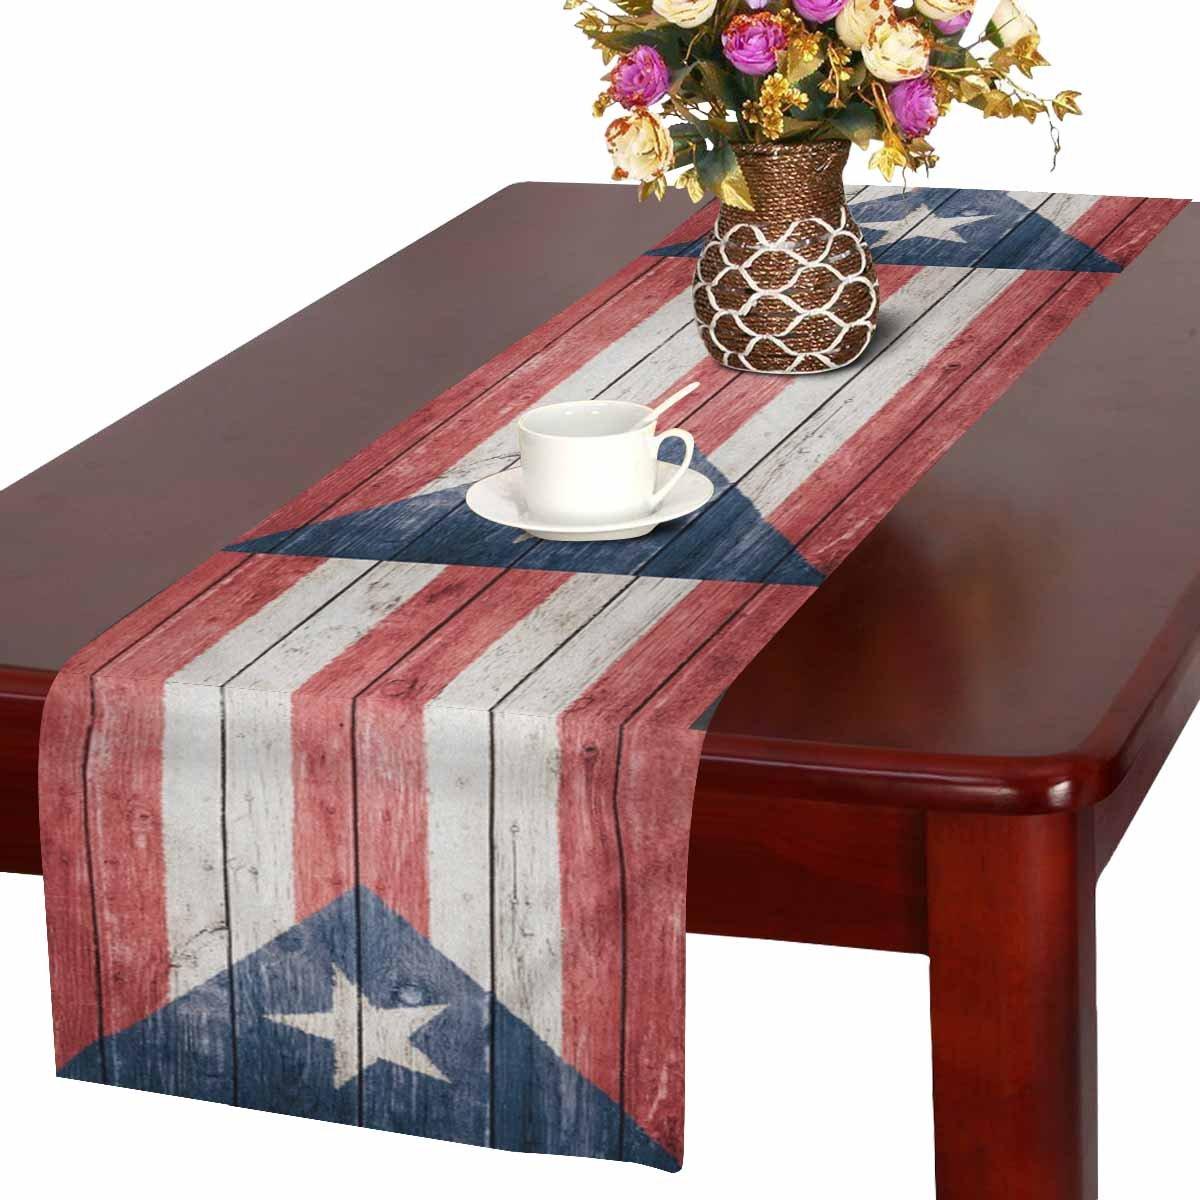 interestprintヴィンテージCanada Flag on古い木製背景テーブルランナーコットンリネン布プレースマットfor Officeキッチンダイニングウェディングパーティー宴会16 x 72インチ 16 x 72 Inches TR0079-K16in  デザイン#11 B07D4FCX3J